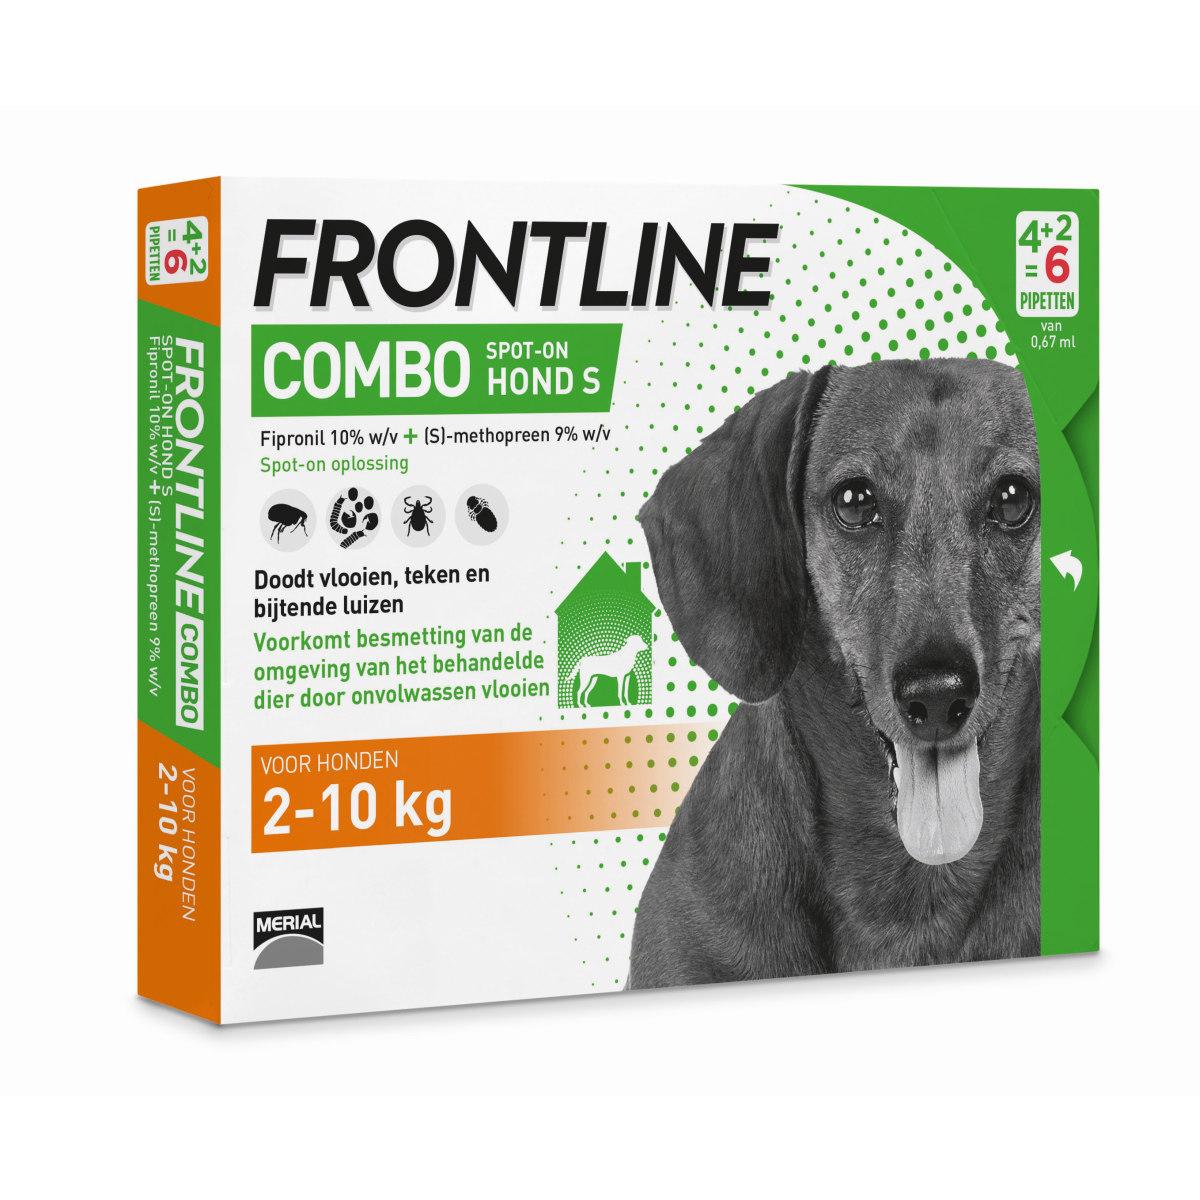 FRONTLINE COMBO HOND-S 6 PIP. 00001